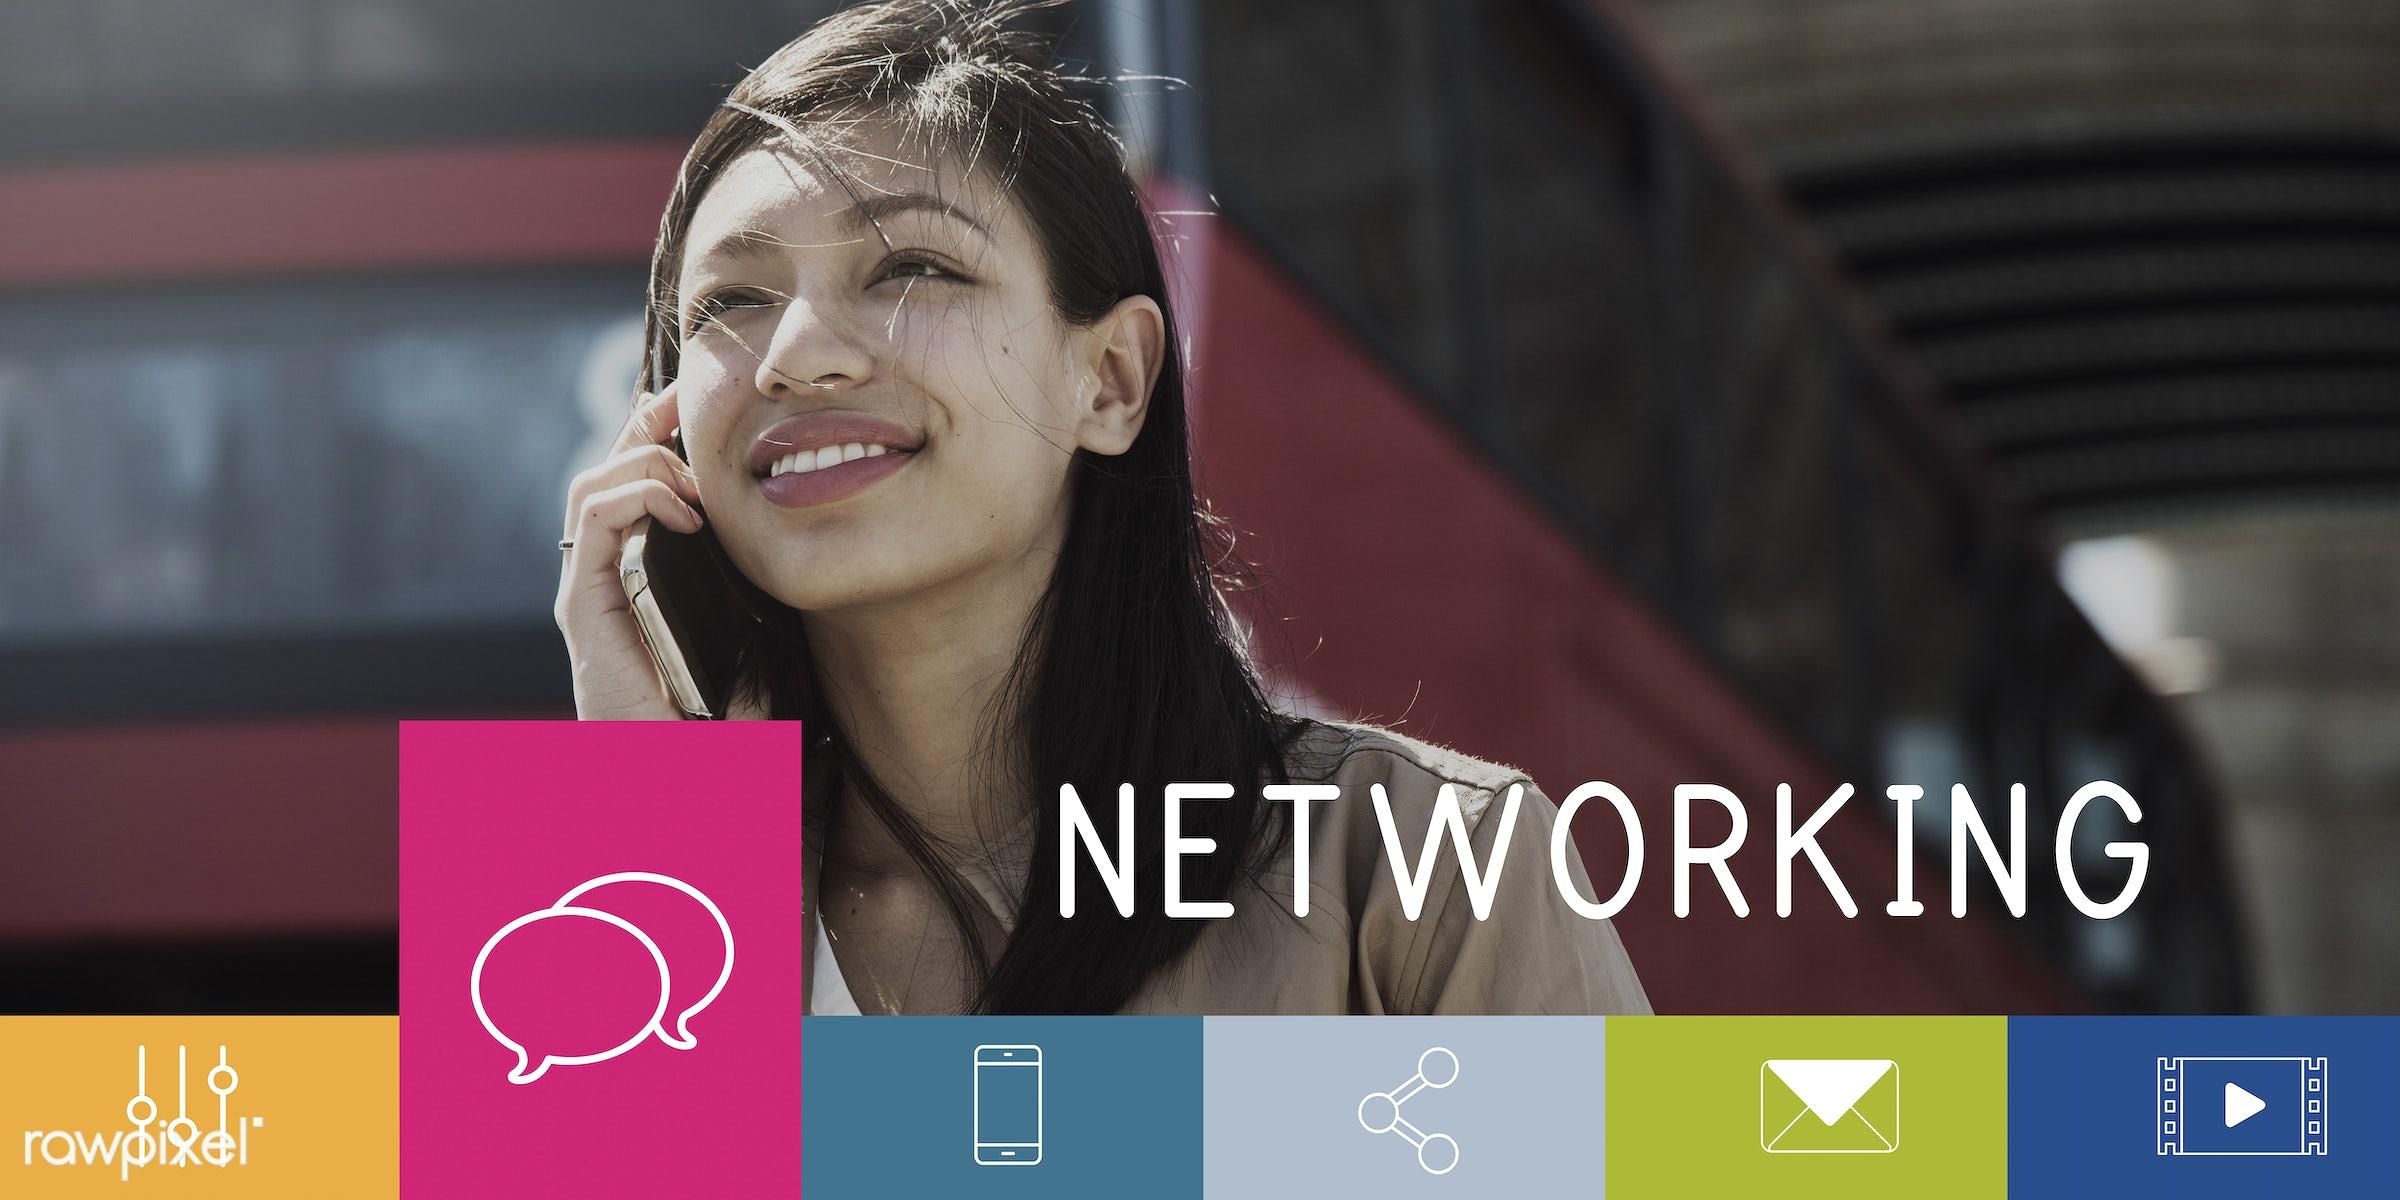 asian, bridge, britian, bubble chat, bus, button, call, calling, cellphone, chat, city bus, communication, community,...